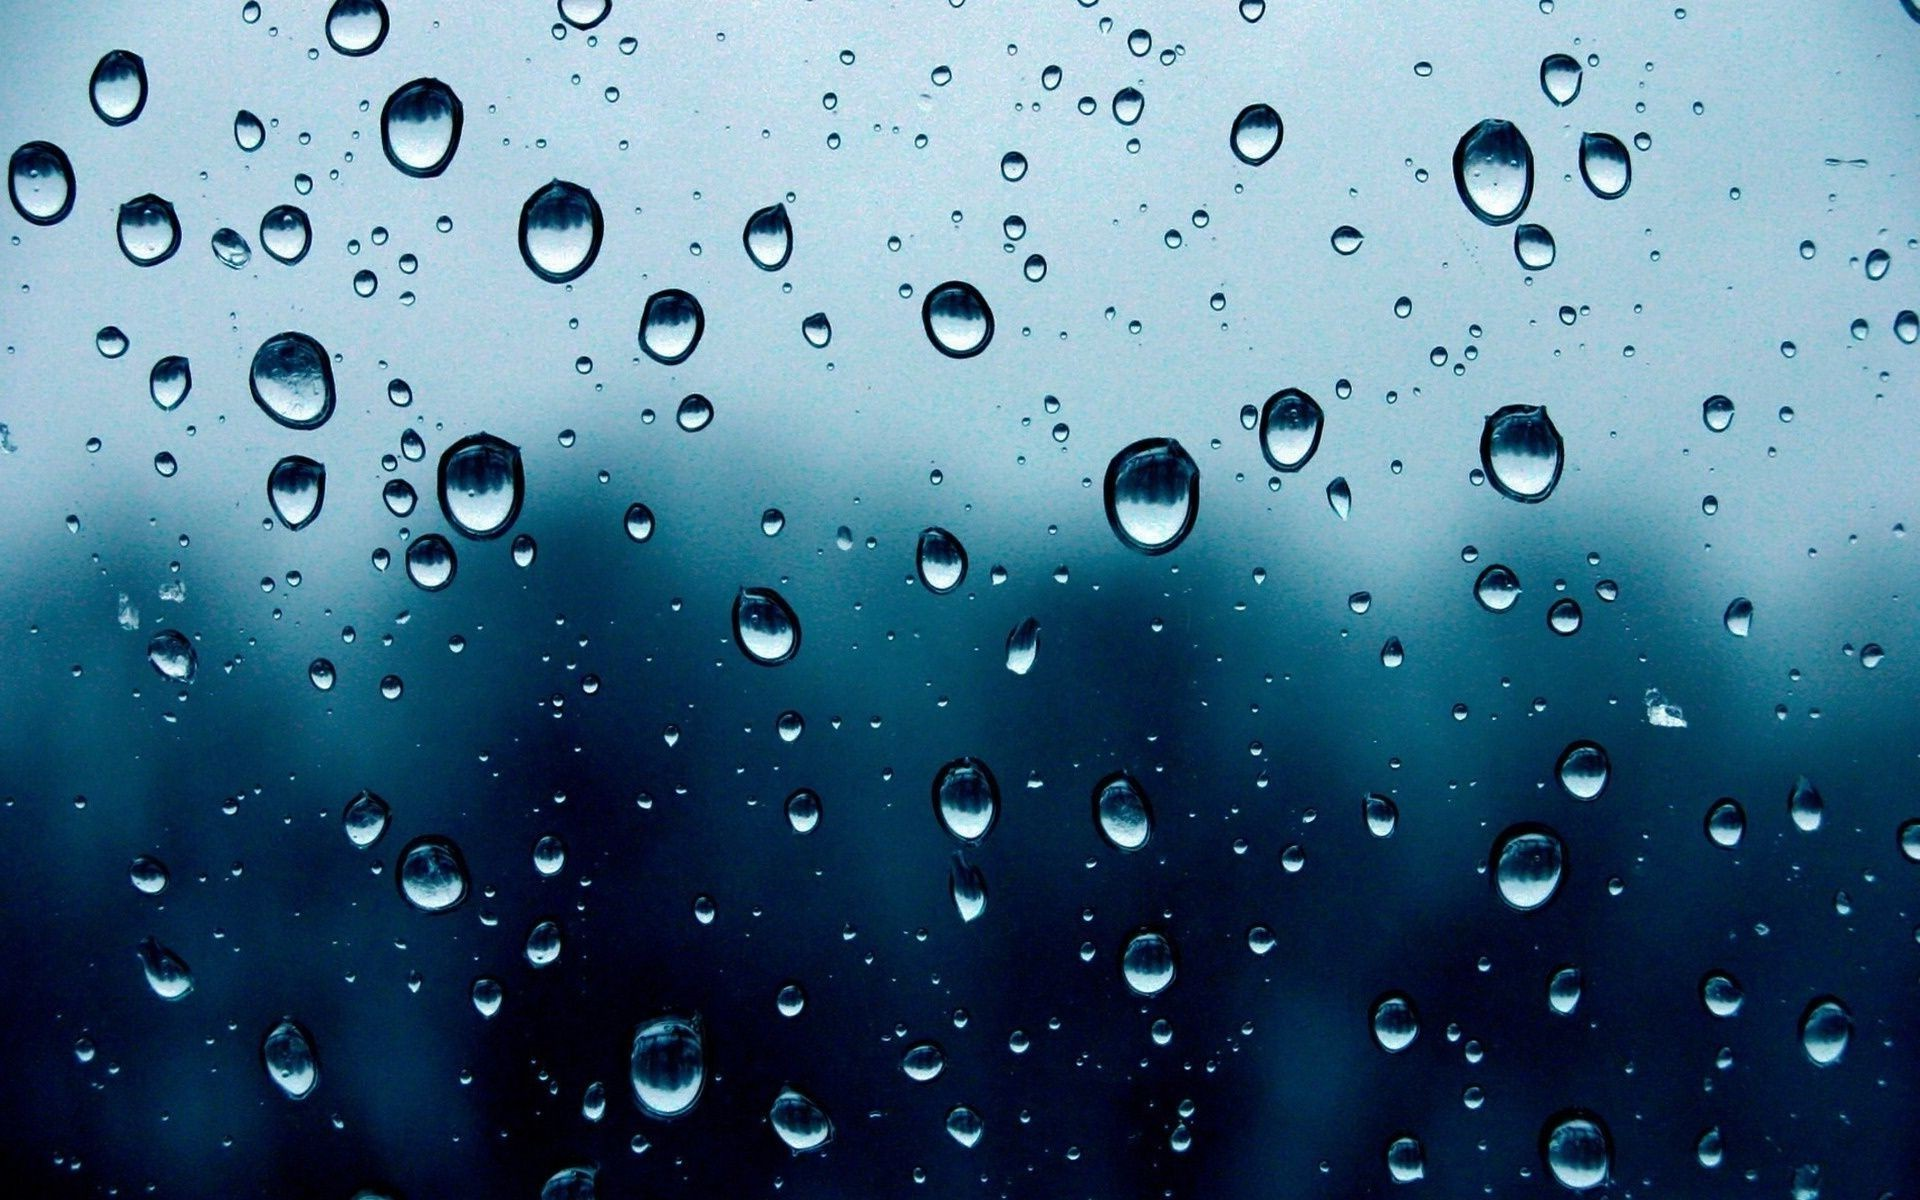 Дождь обои и картинки на рабочий стол скачать